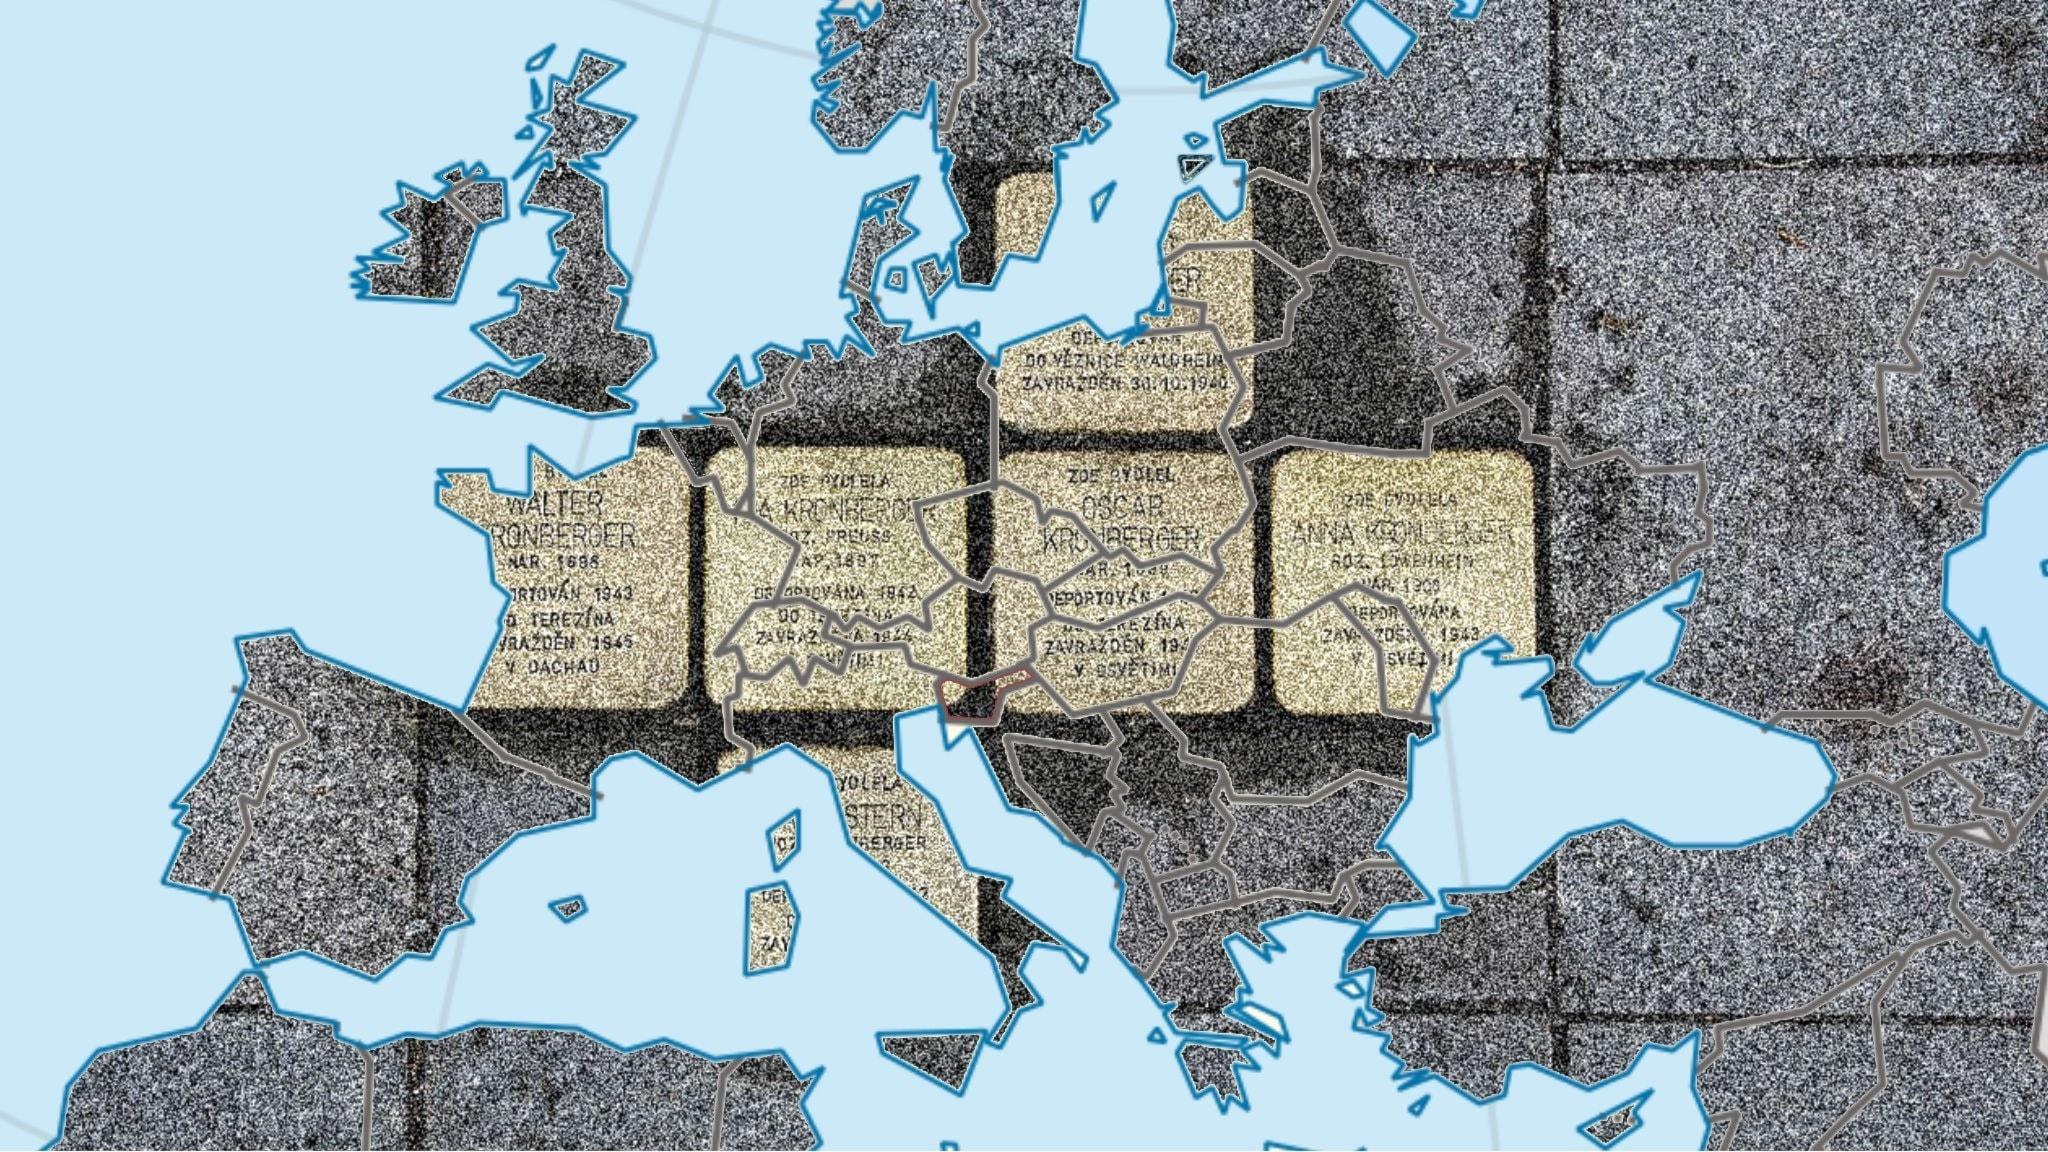 Vi måste sätta ord på det europeiska tomrummet